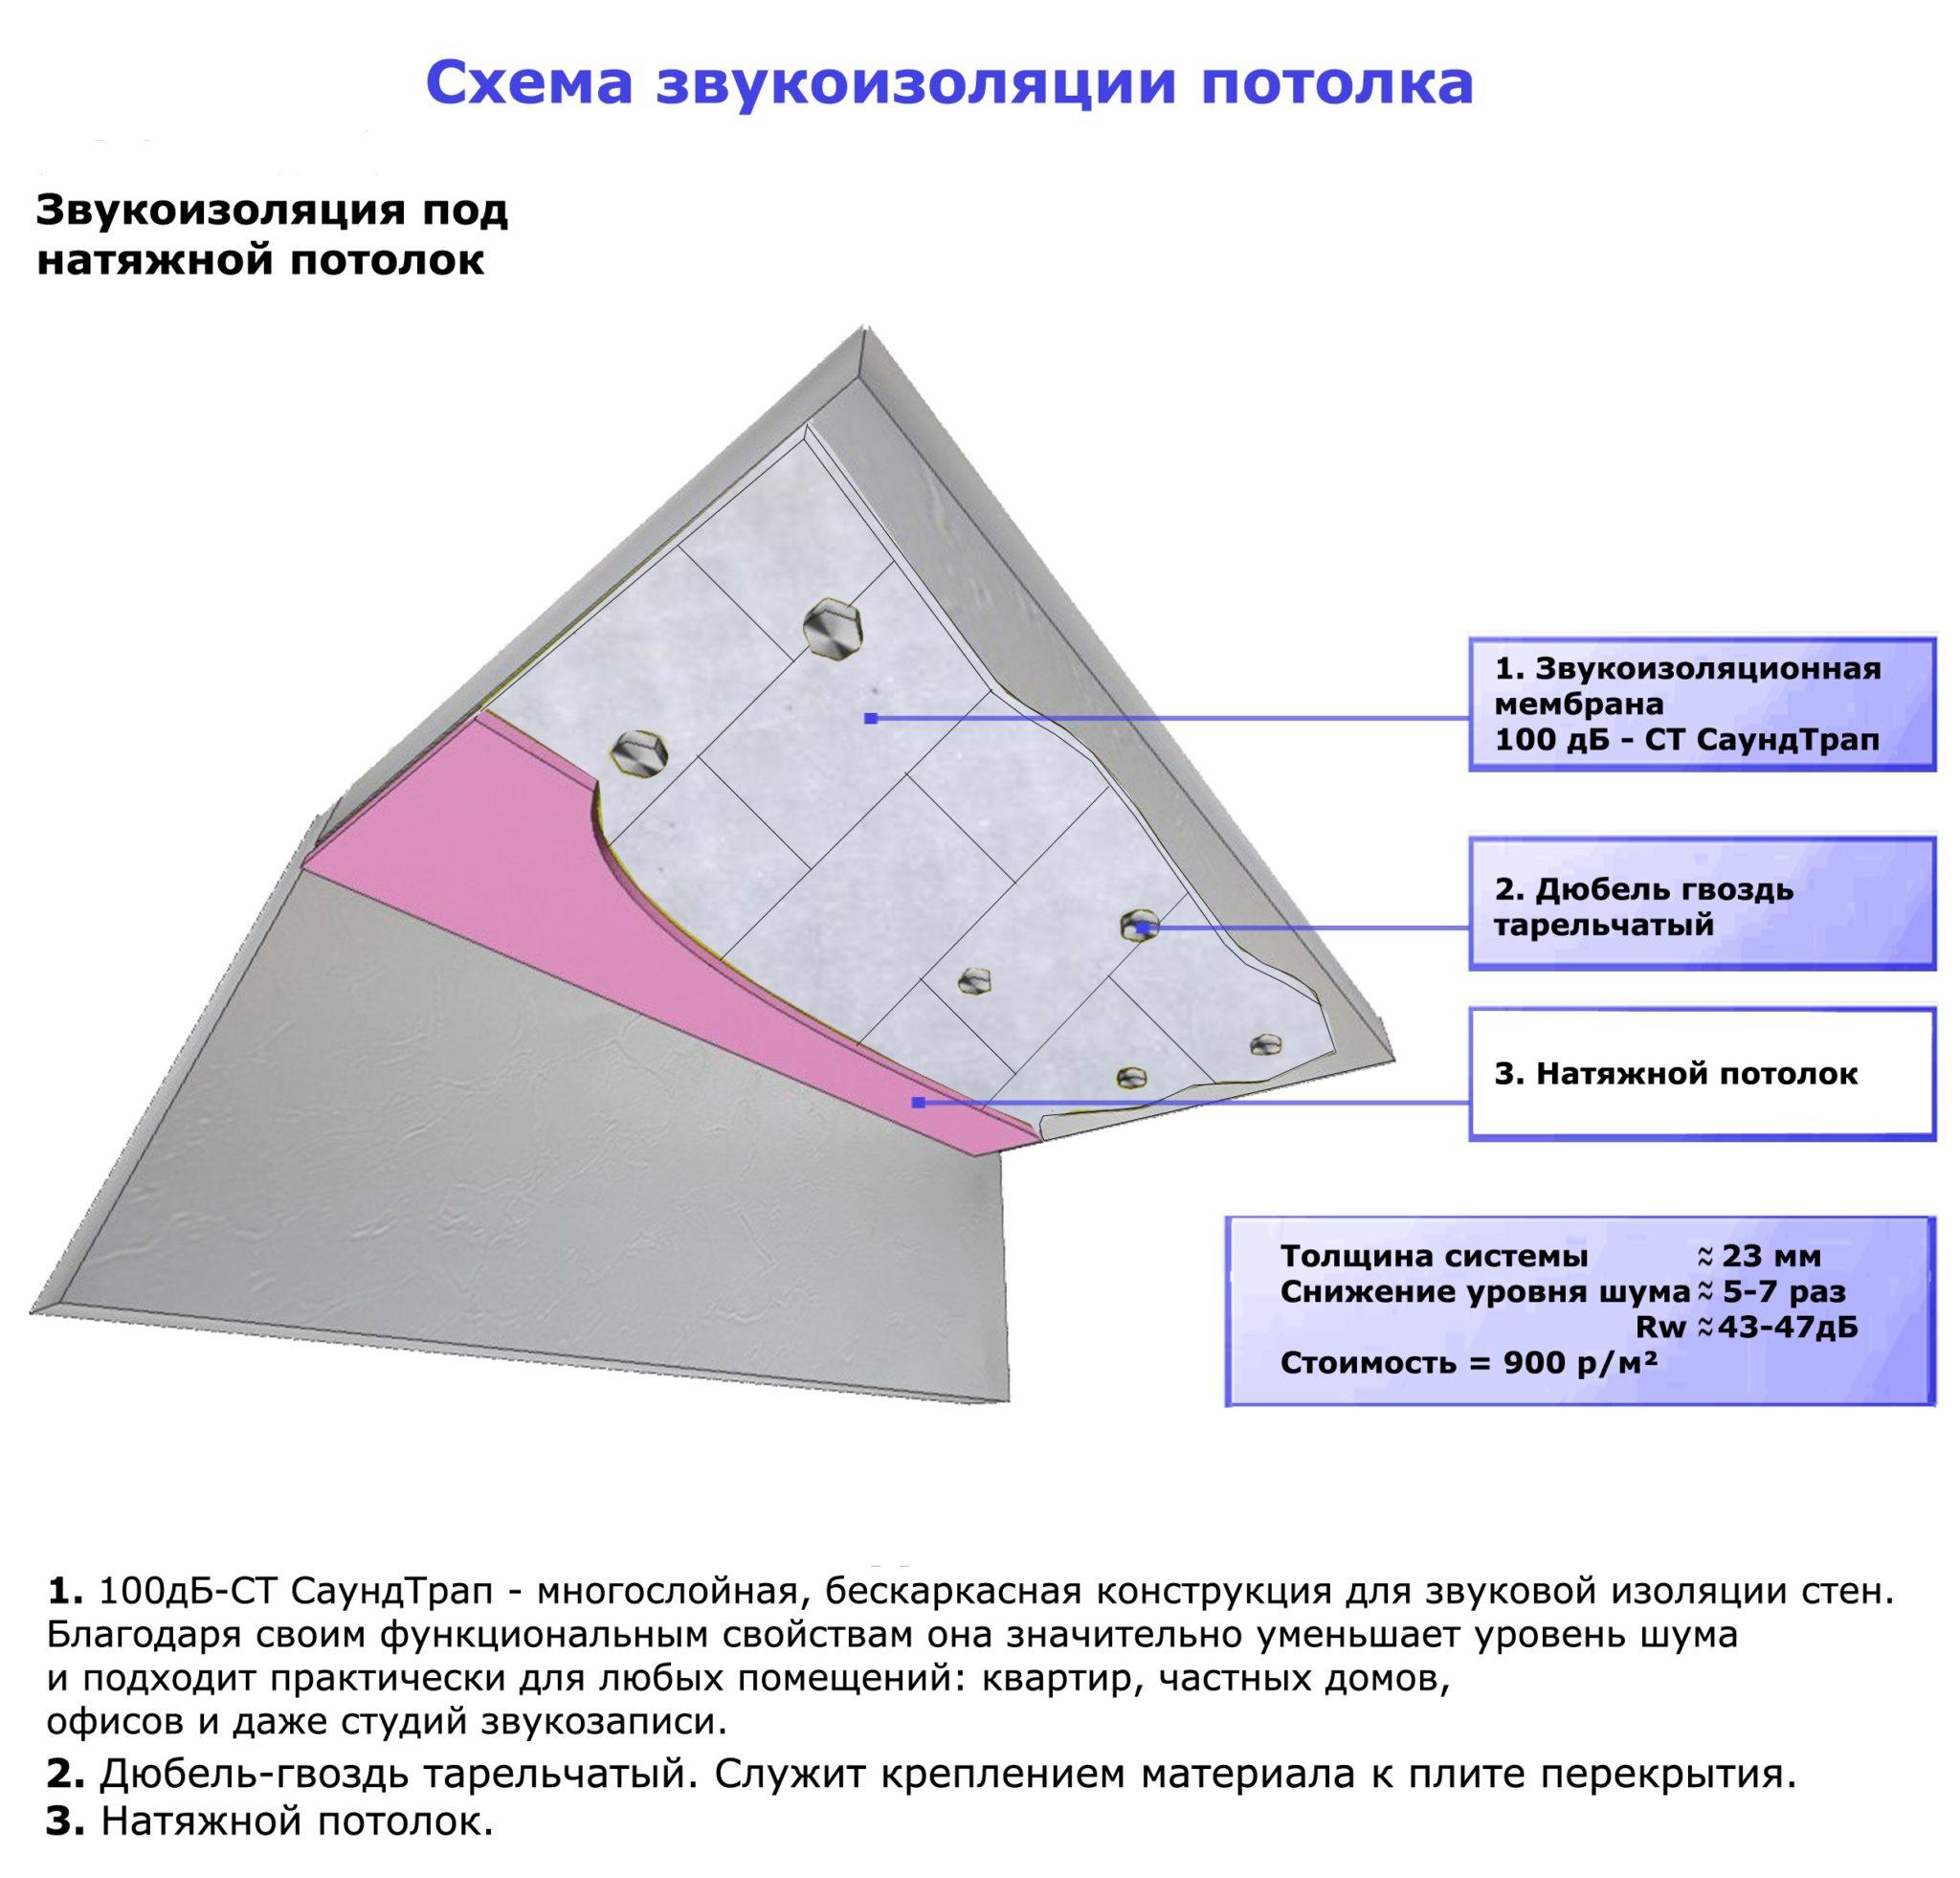 Схема монтажа звукоизоляции под натяжной потолок